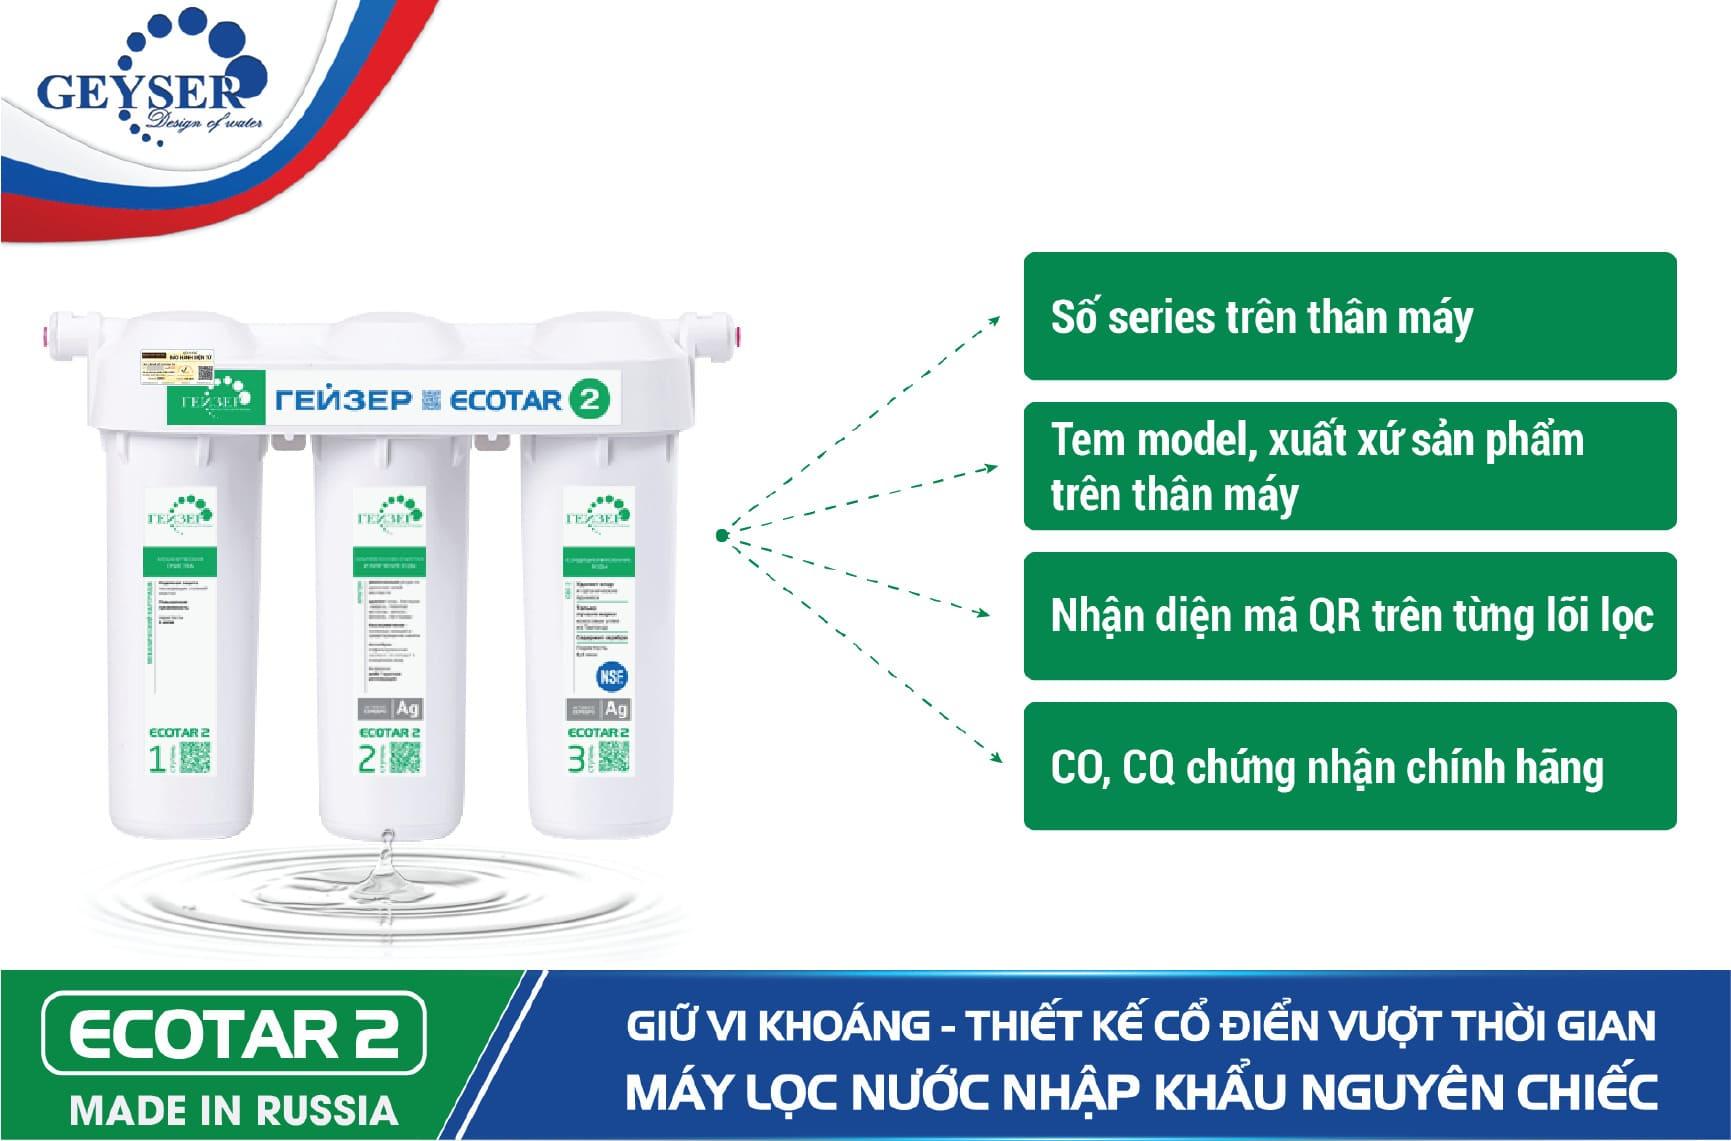 Dấu hiệu nhận biết Geyser Ecotar 2 chính hãng - Geyser Việt Nam